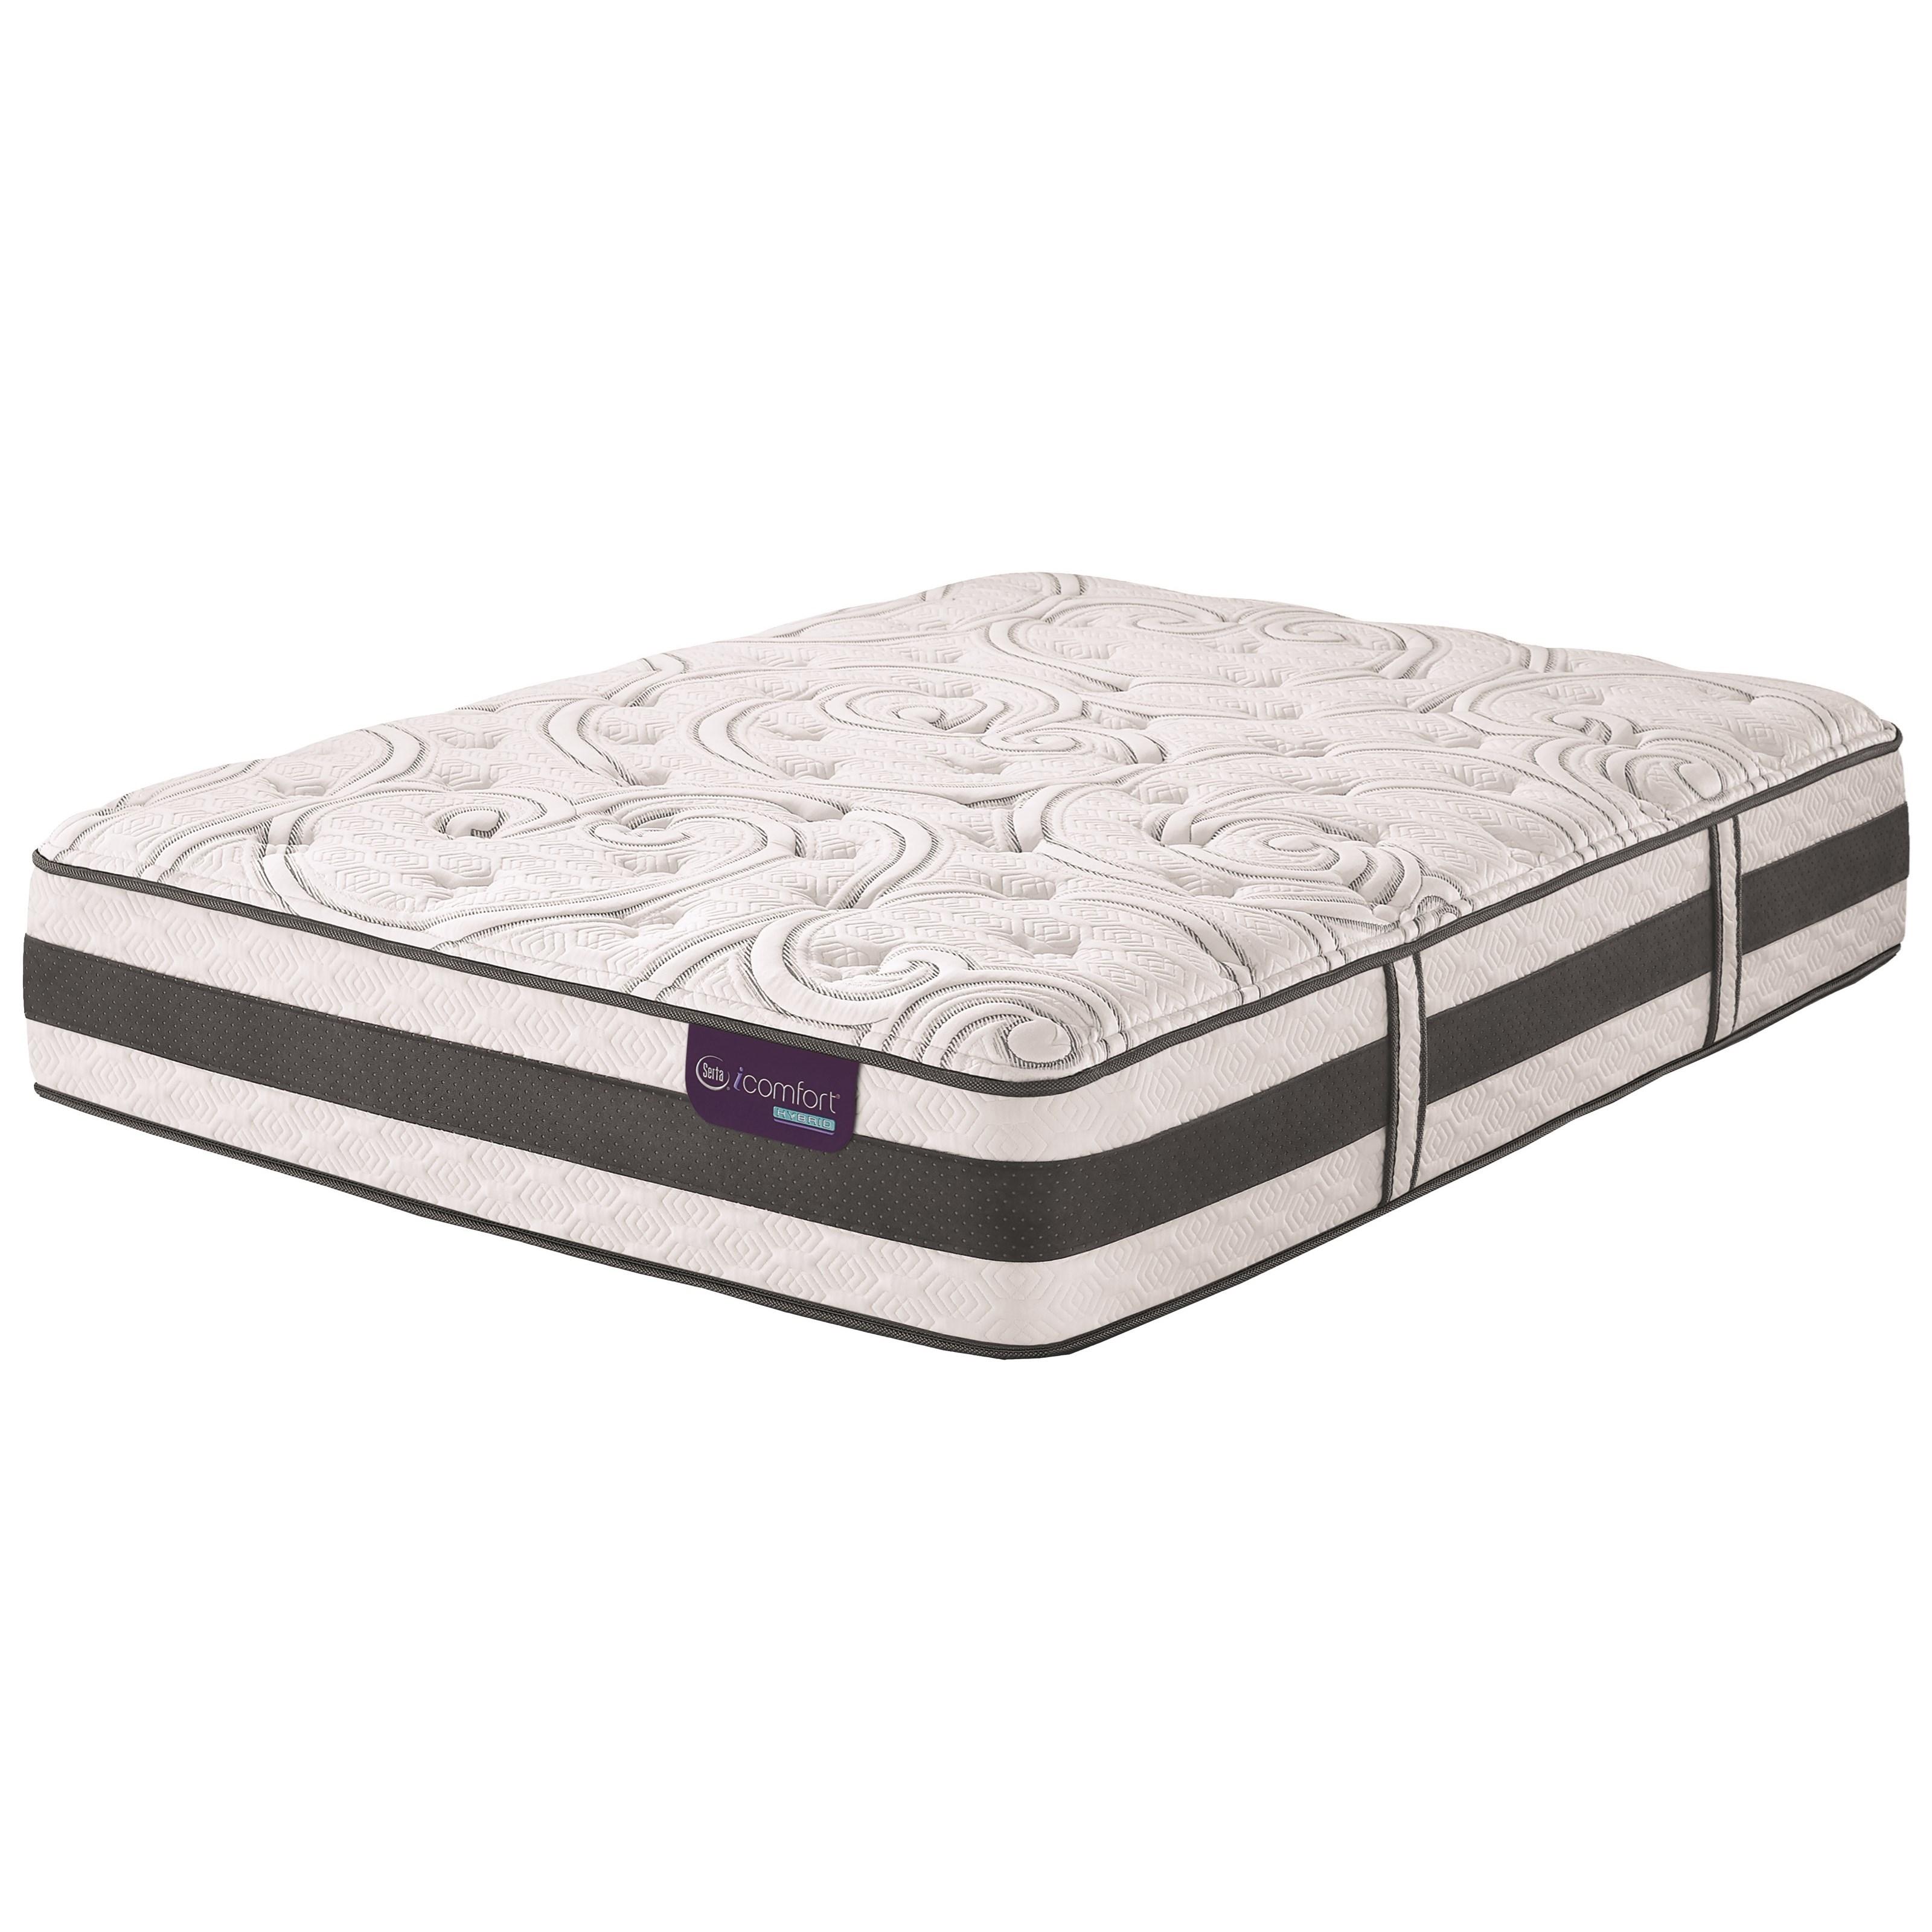 Serta iComfort Hybrid Recognition Cal King Plush Hybrid Quilted Mattress - Item Number: RecgntnPlush-CK